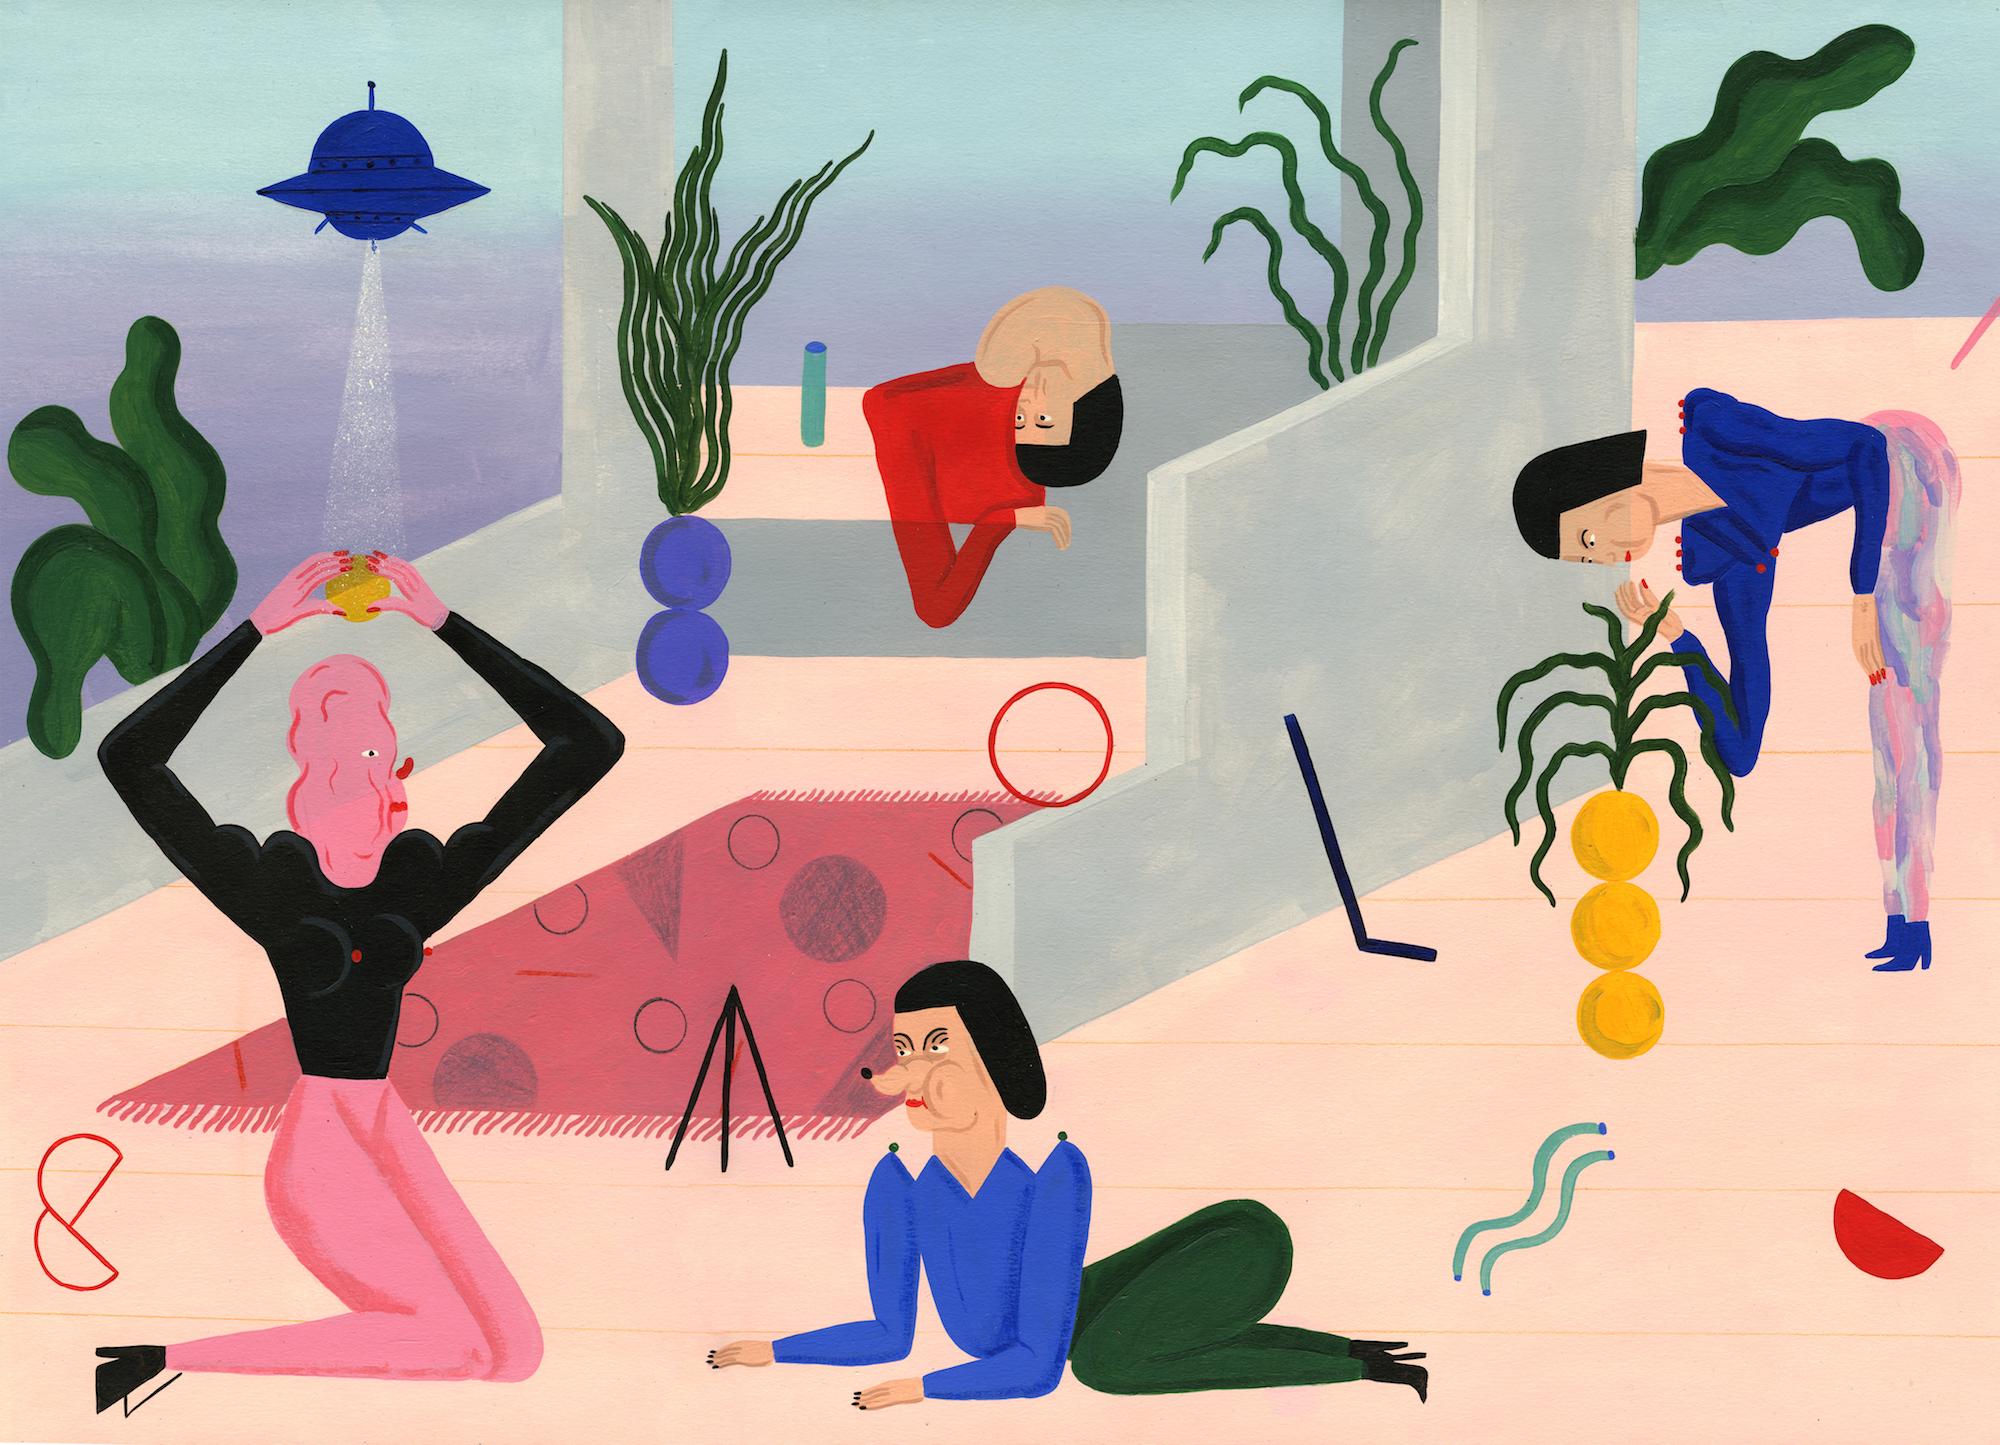 Illustration by Stefhany Y Lozano